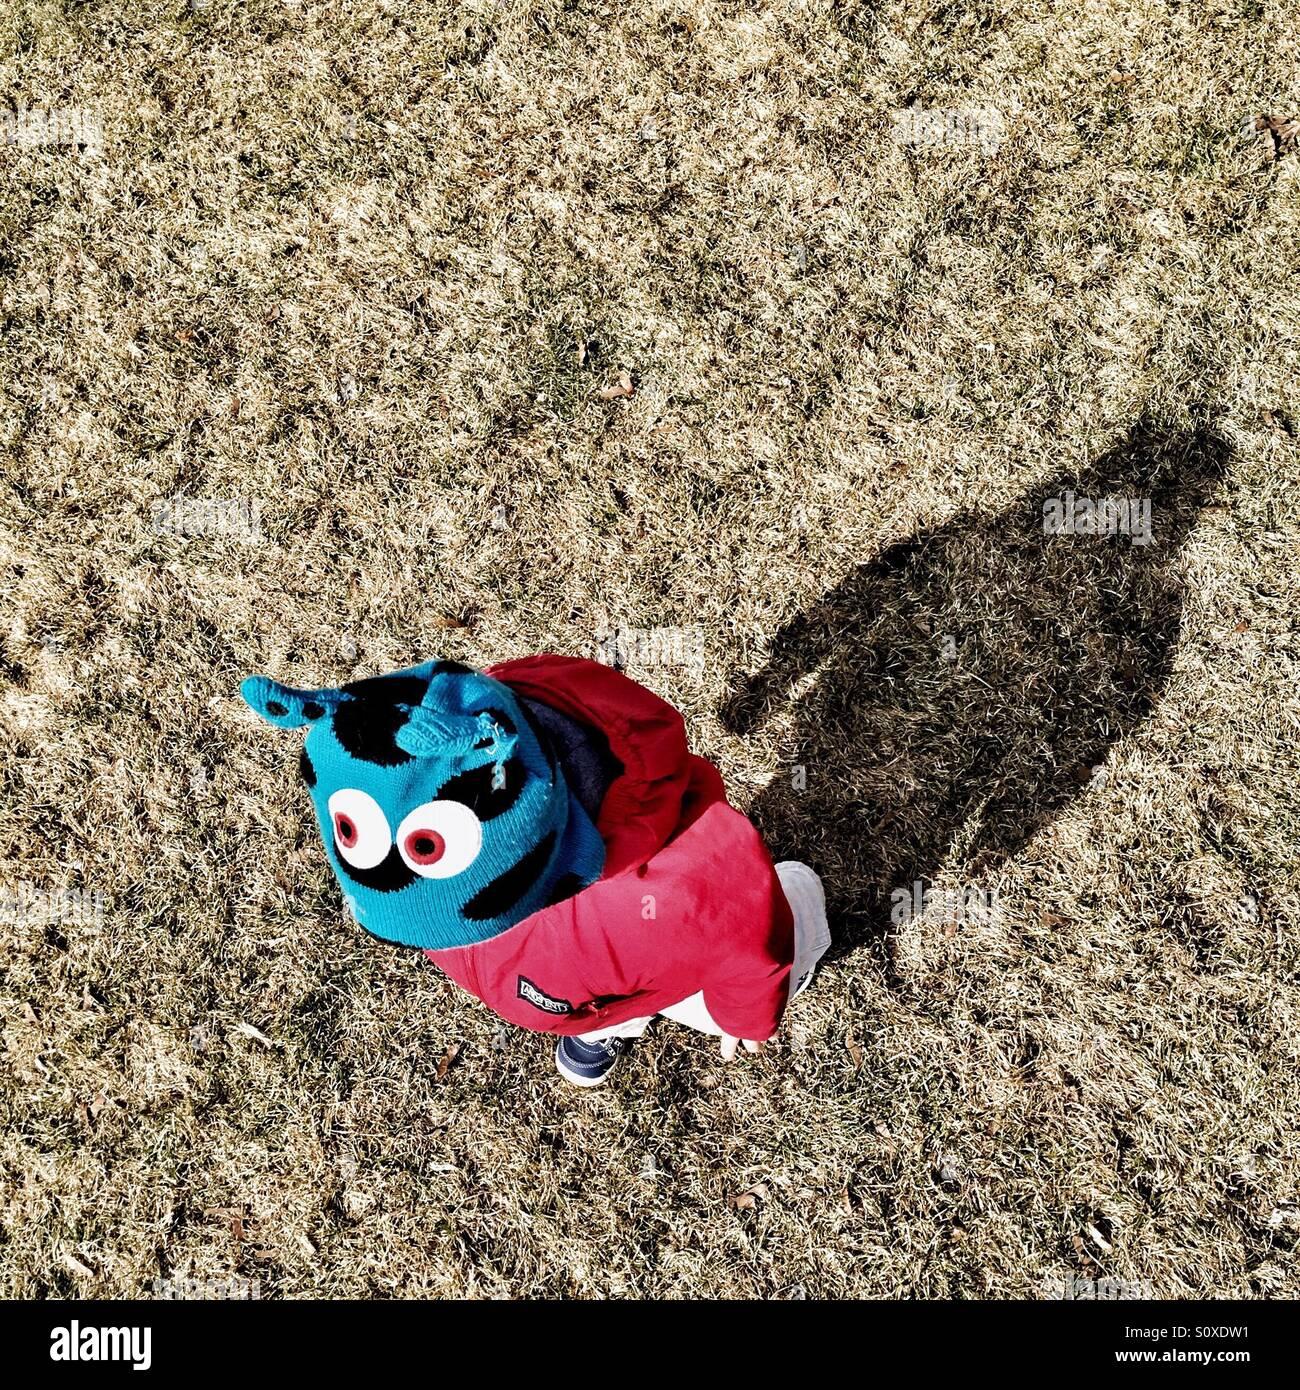 Il Toddler indossando un mostro hat, seguita dalla sua ombra. Immagini Stock